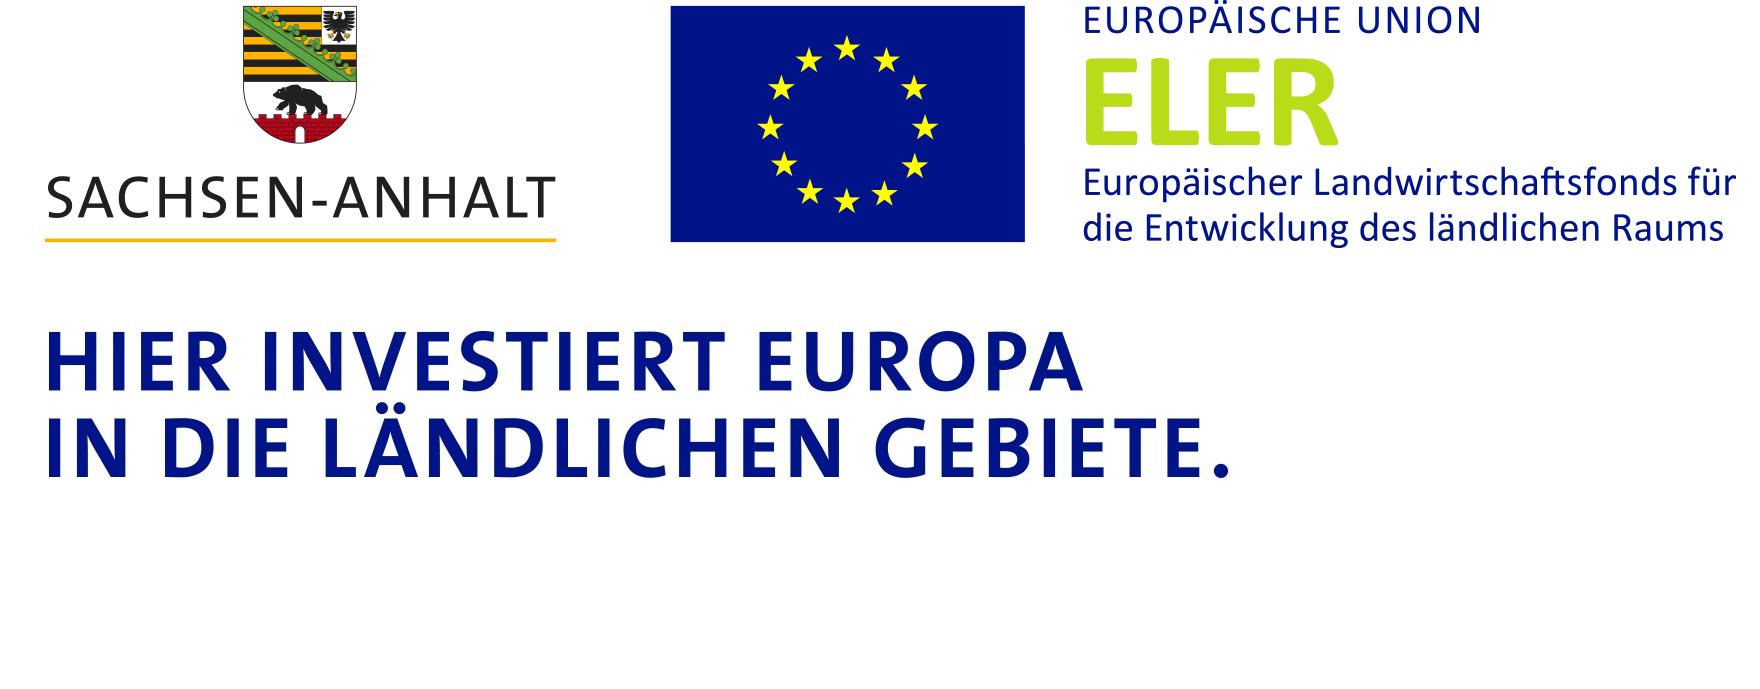 Signet-Paar mit Landessignet, Unionslogo und ESIF-Logo + HIER INVESTIERT EUROPA IN DIE LÄNDLICHEN GEBIETE